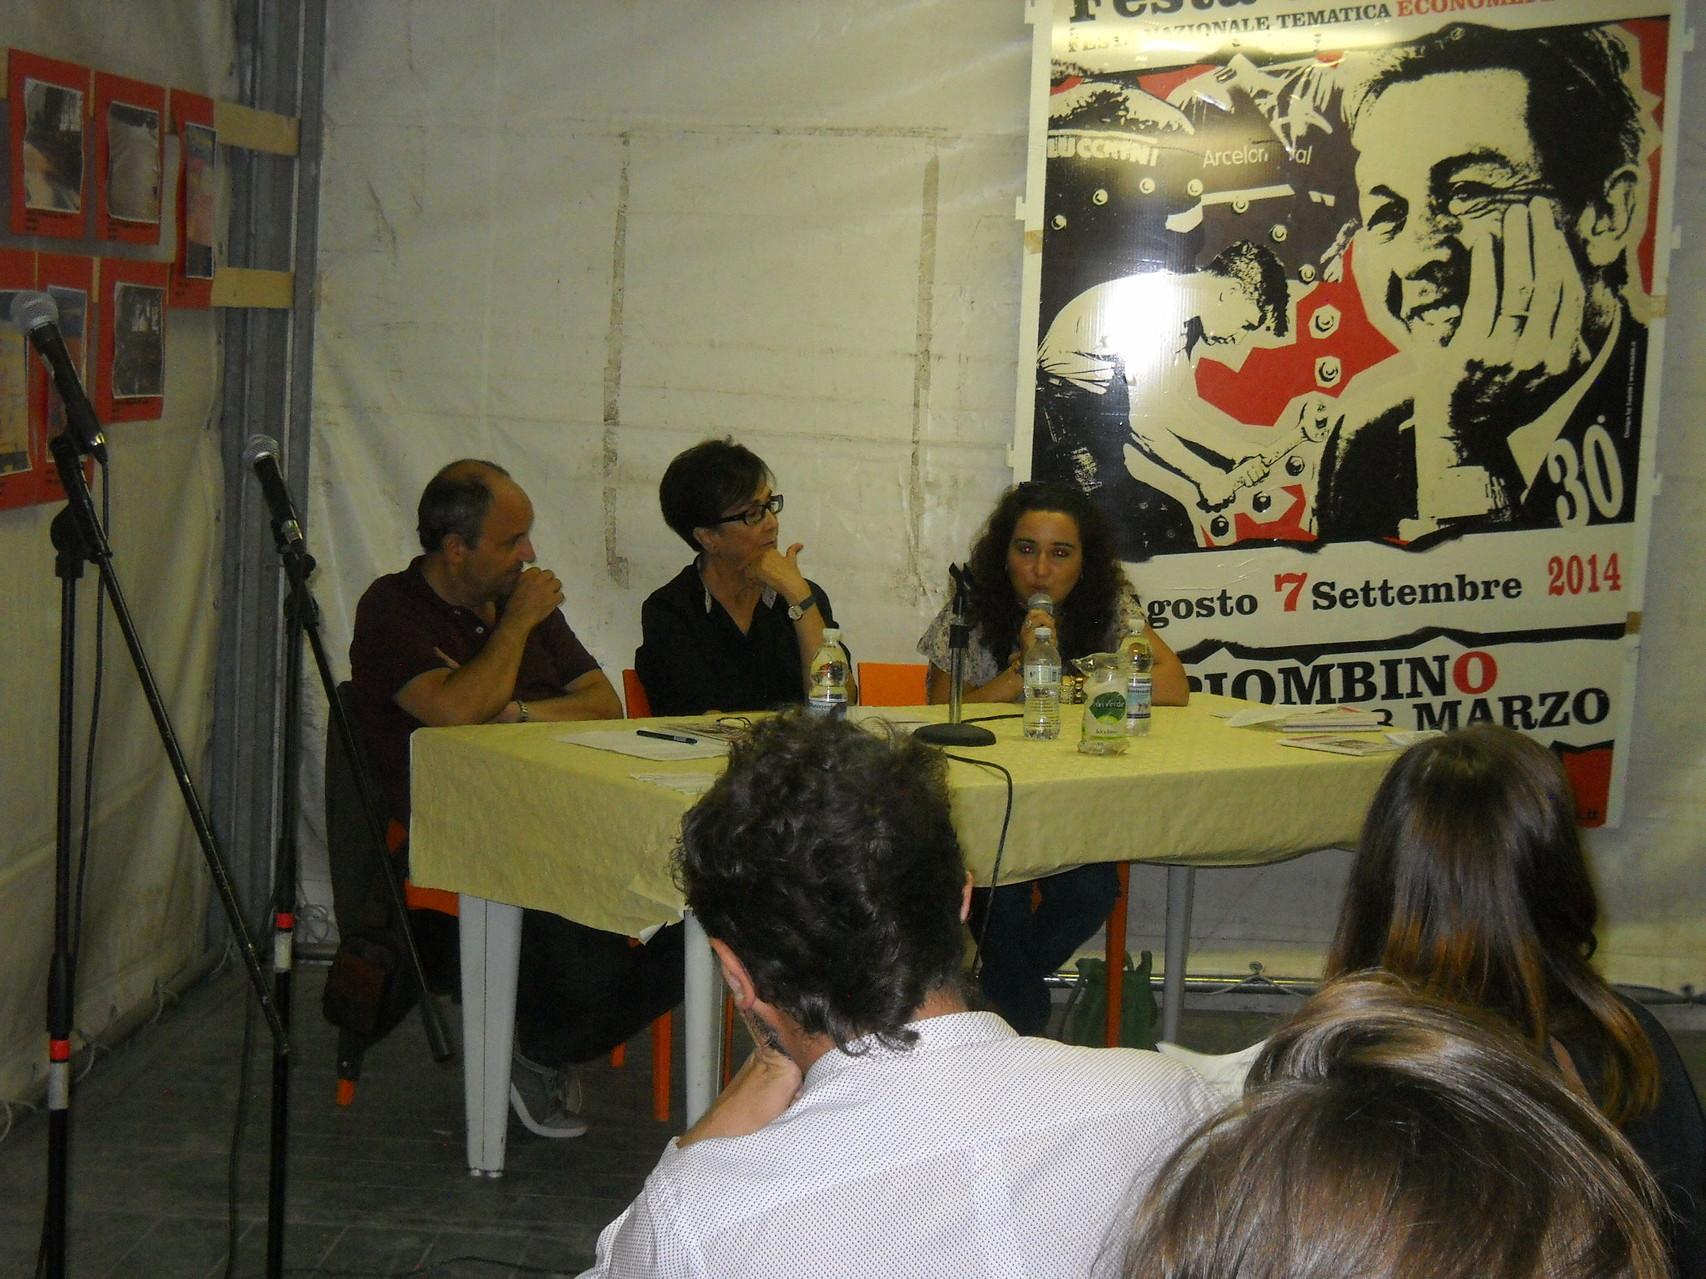 L'autrice Francesca Ghiribelli che risponde alle domande degli Assessori e del pubblico.